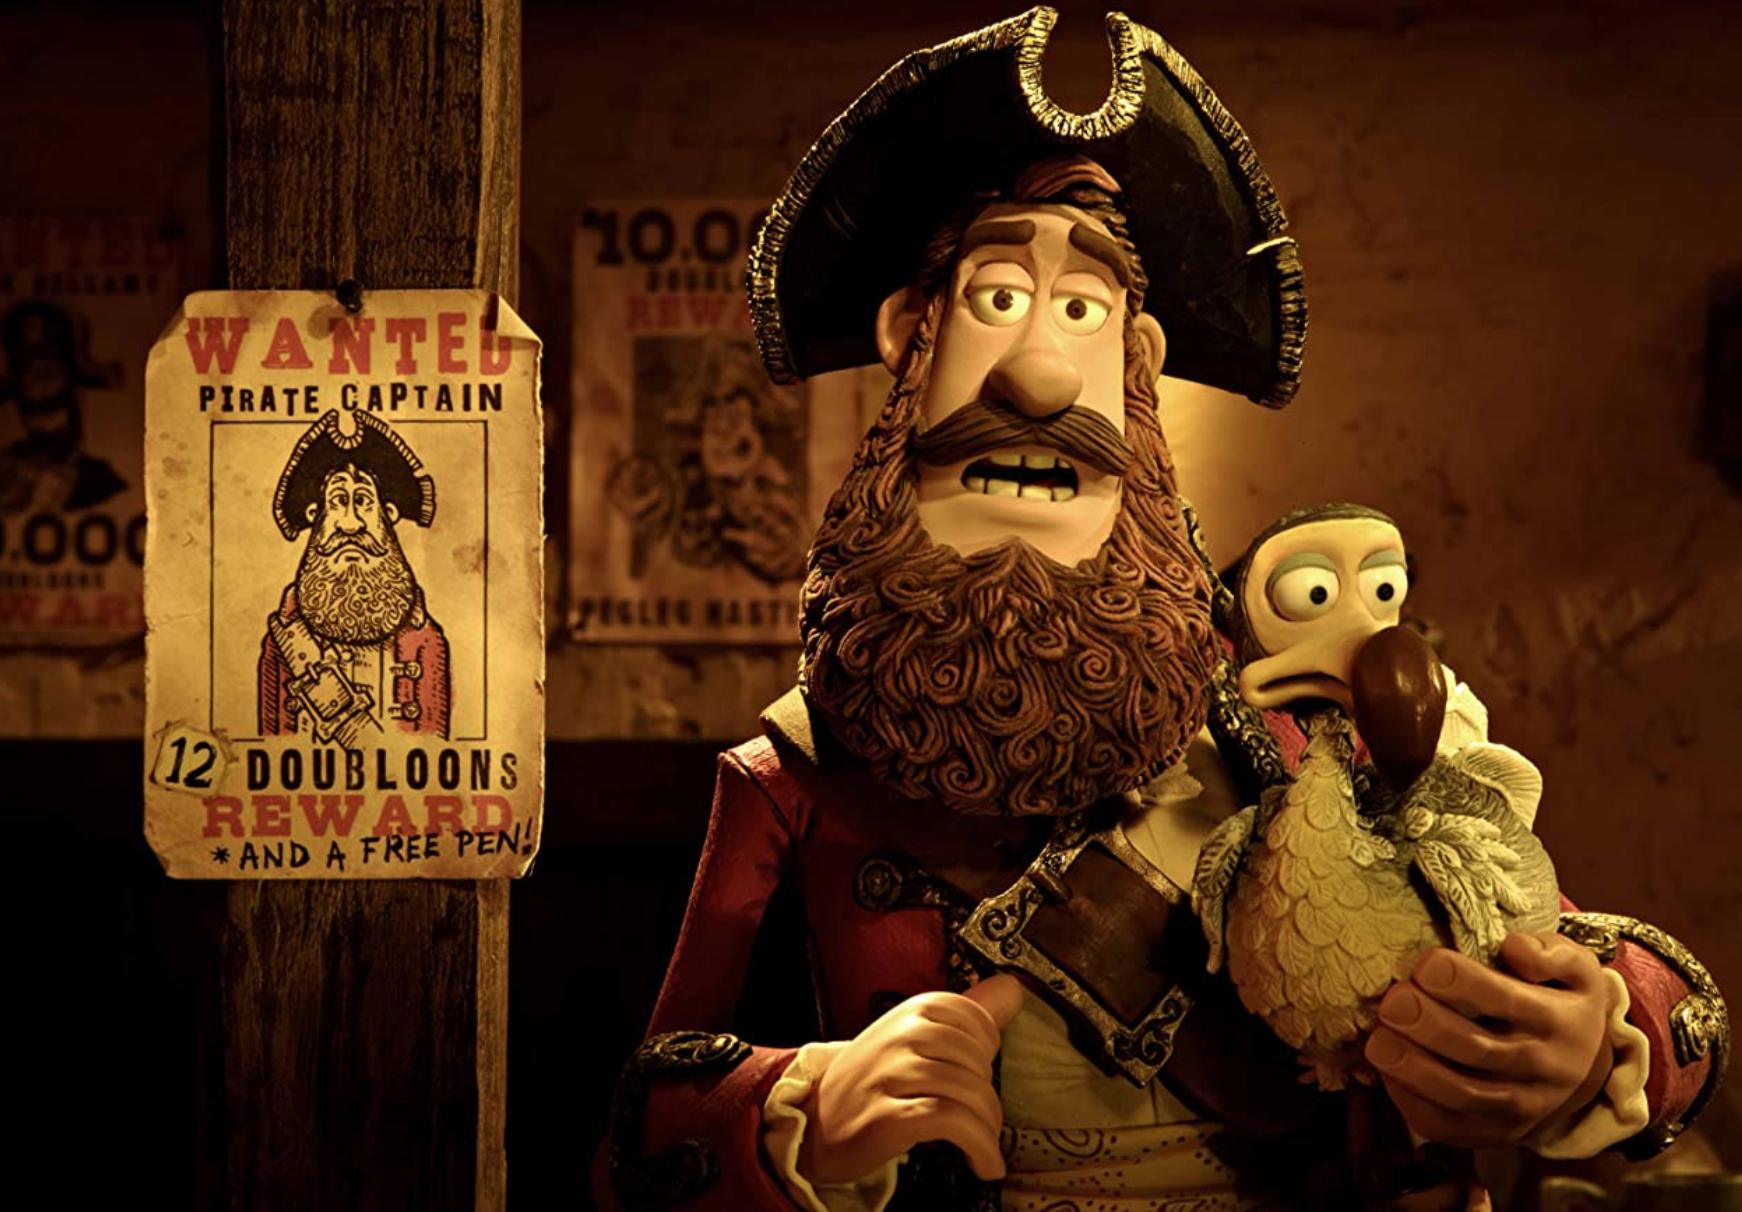 pirates band of misfits, hulu titles january 2021